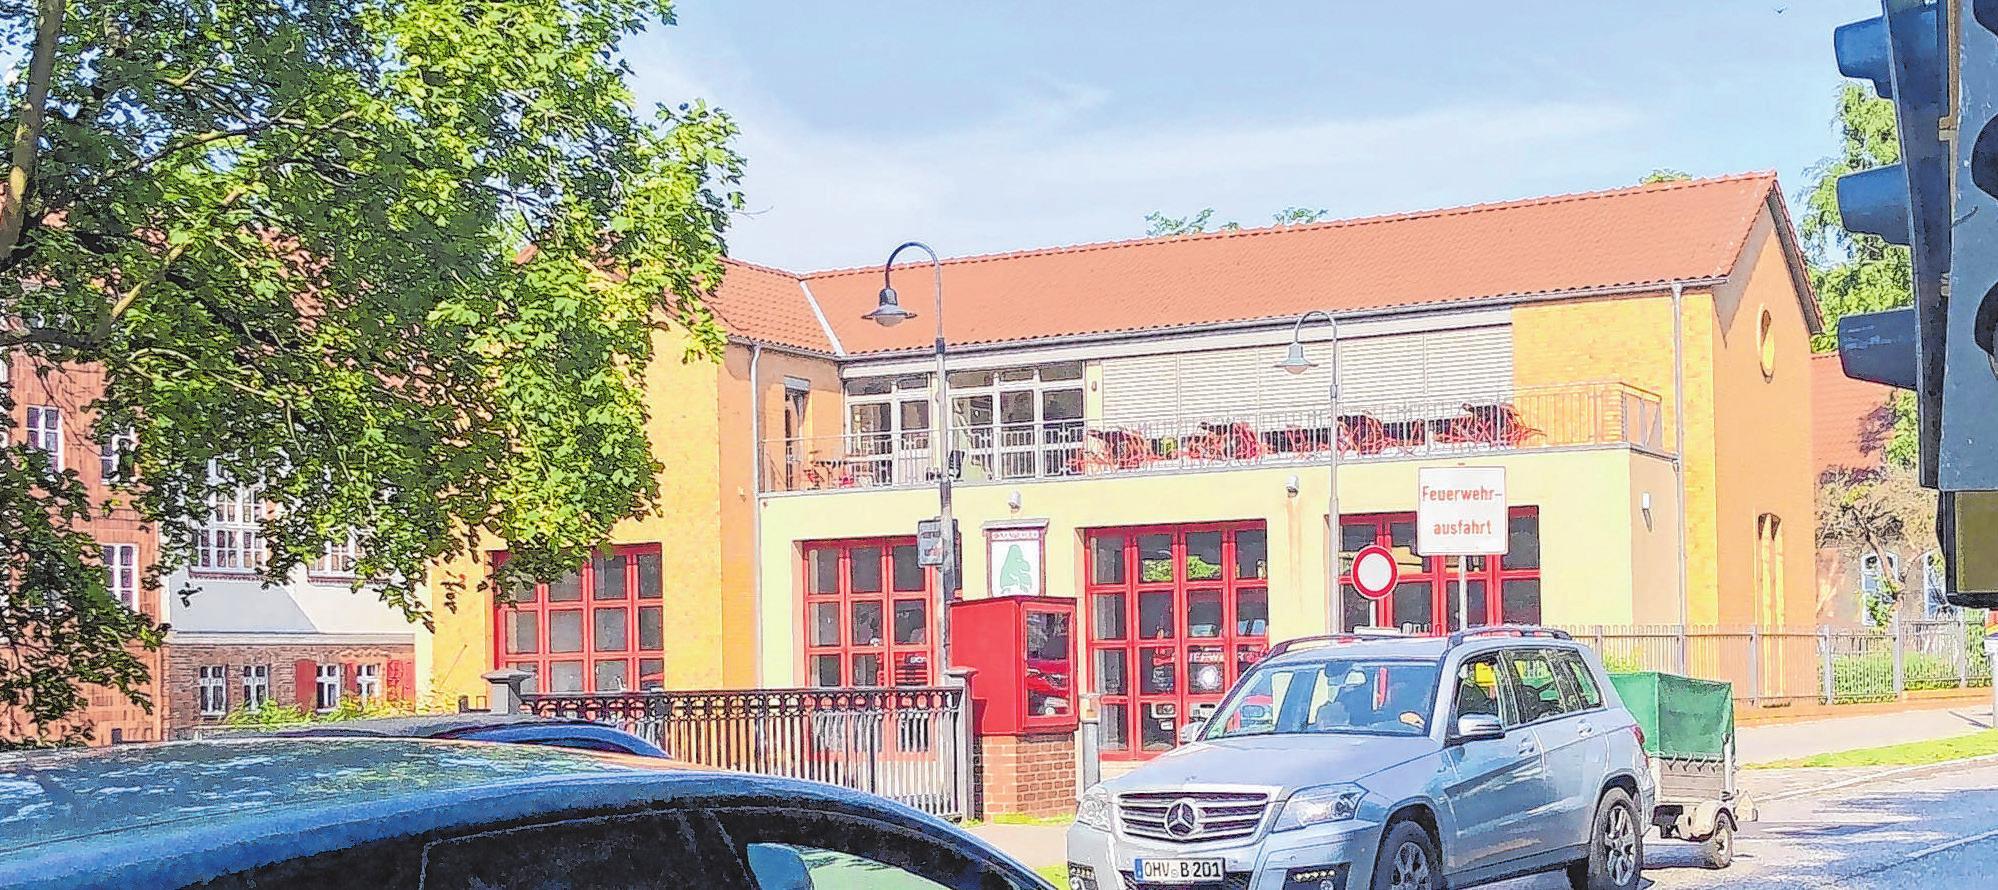 Das Gebäude der Freiwilligen Feuerwehr an der Hauptstraße. Aktuell steht hier eine Baustellenampel. Foto Liebezeit